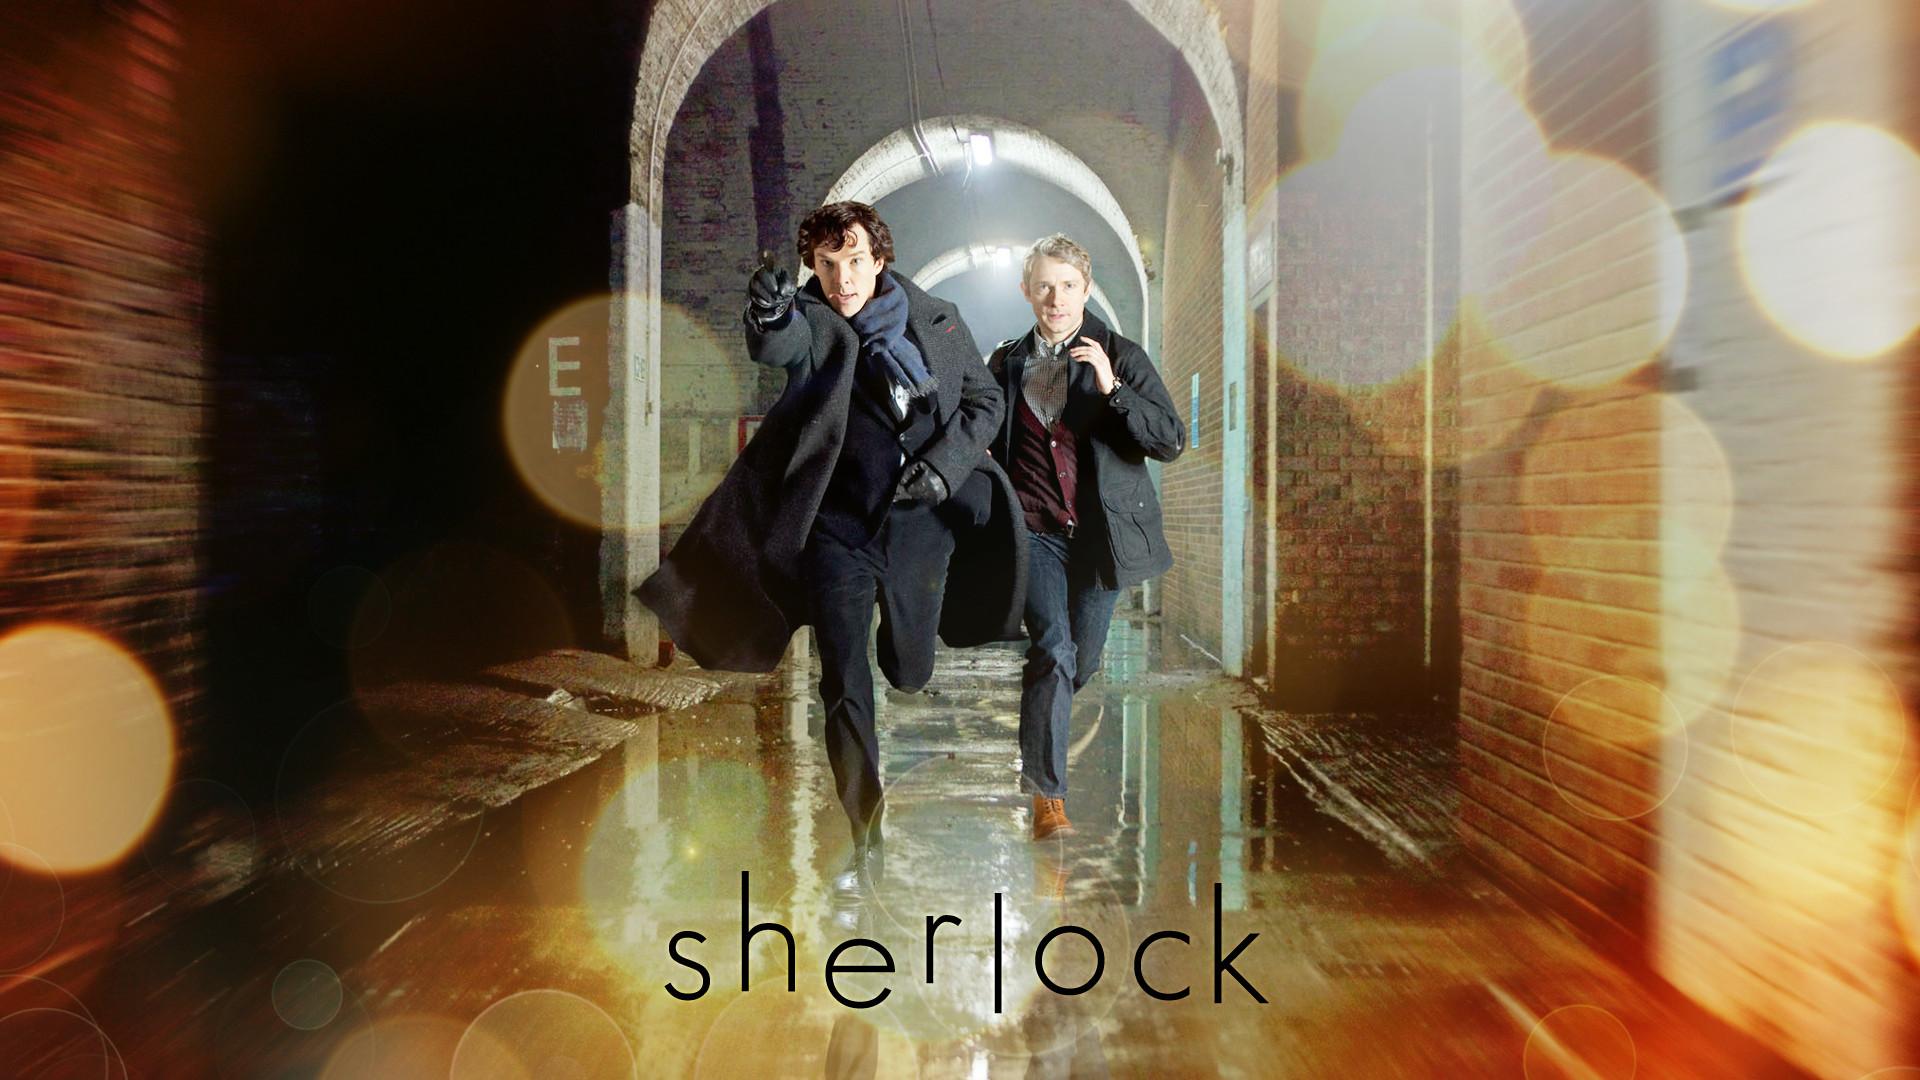 Sherlock wallpaper 3